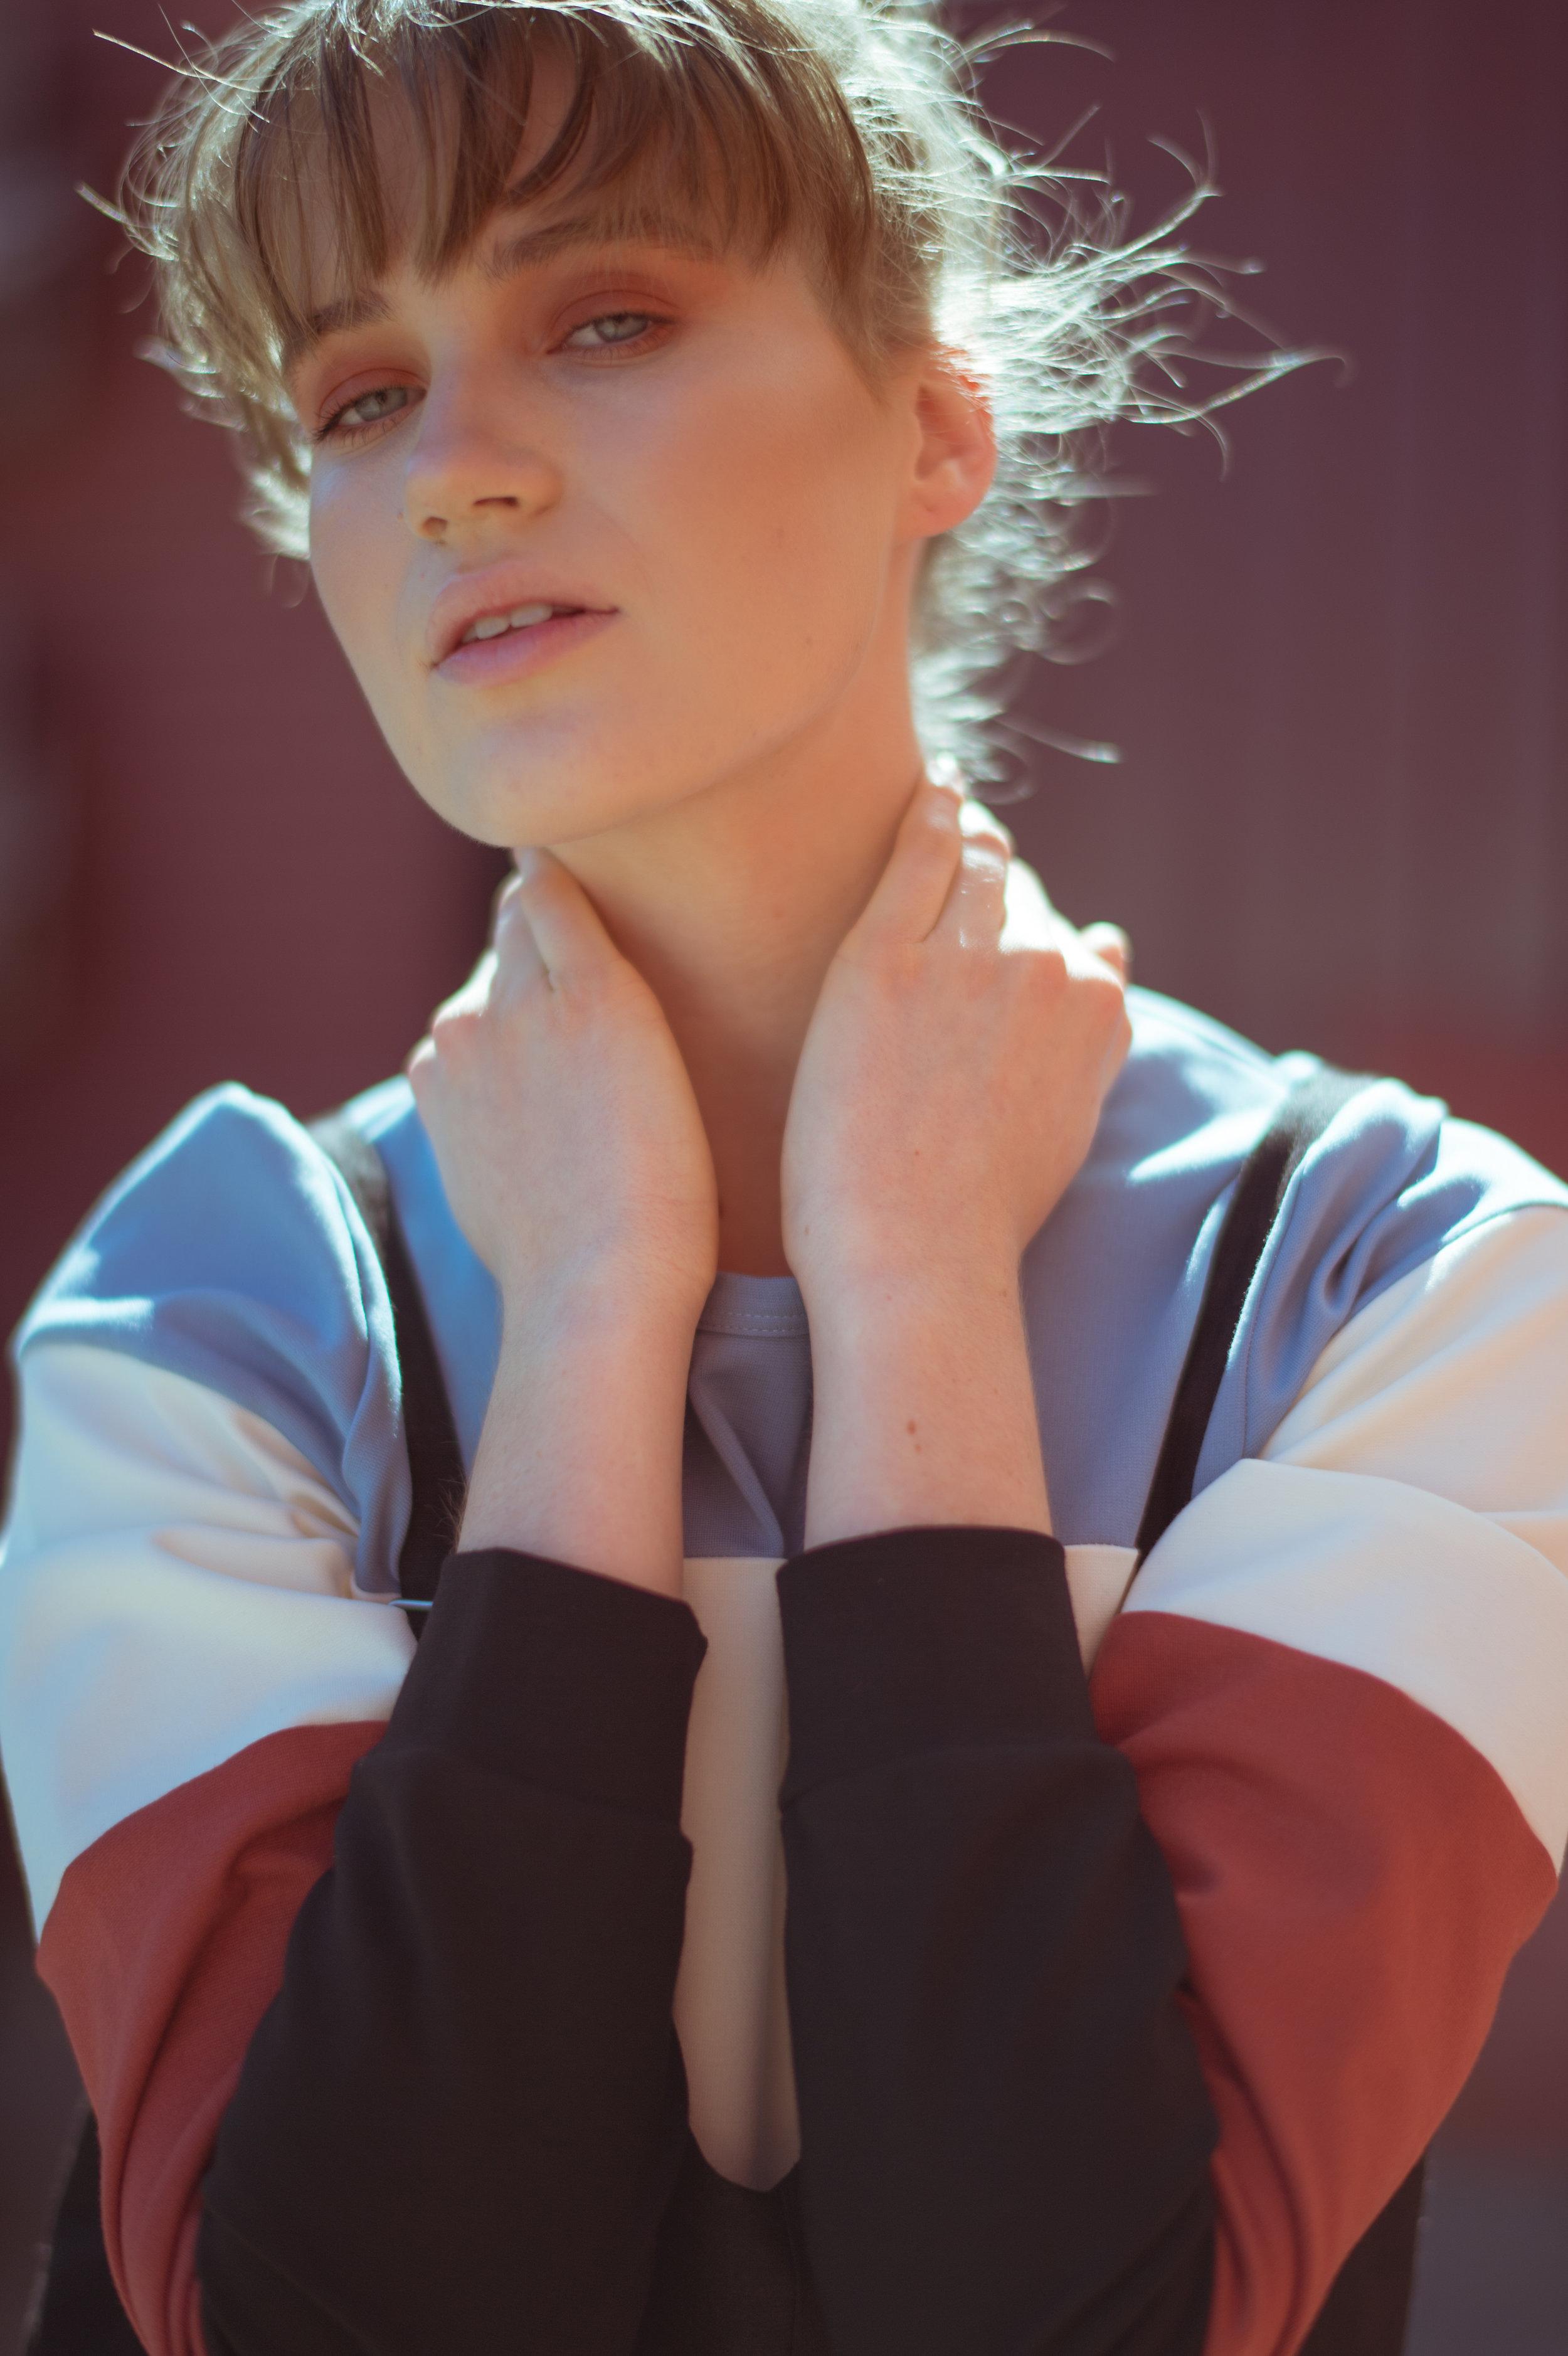 ILKA // Photo: Courtney Illfield